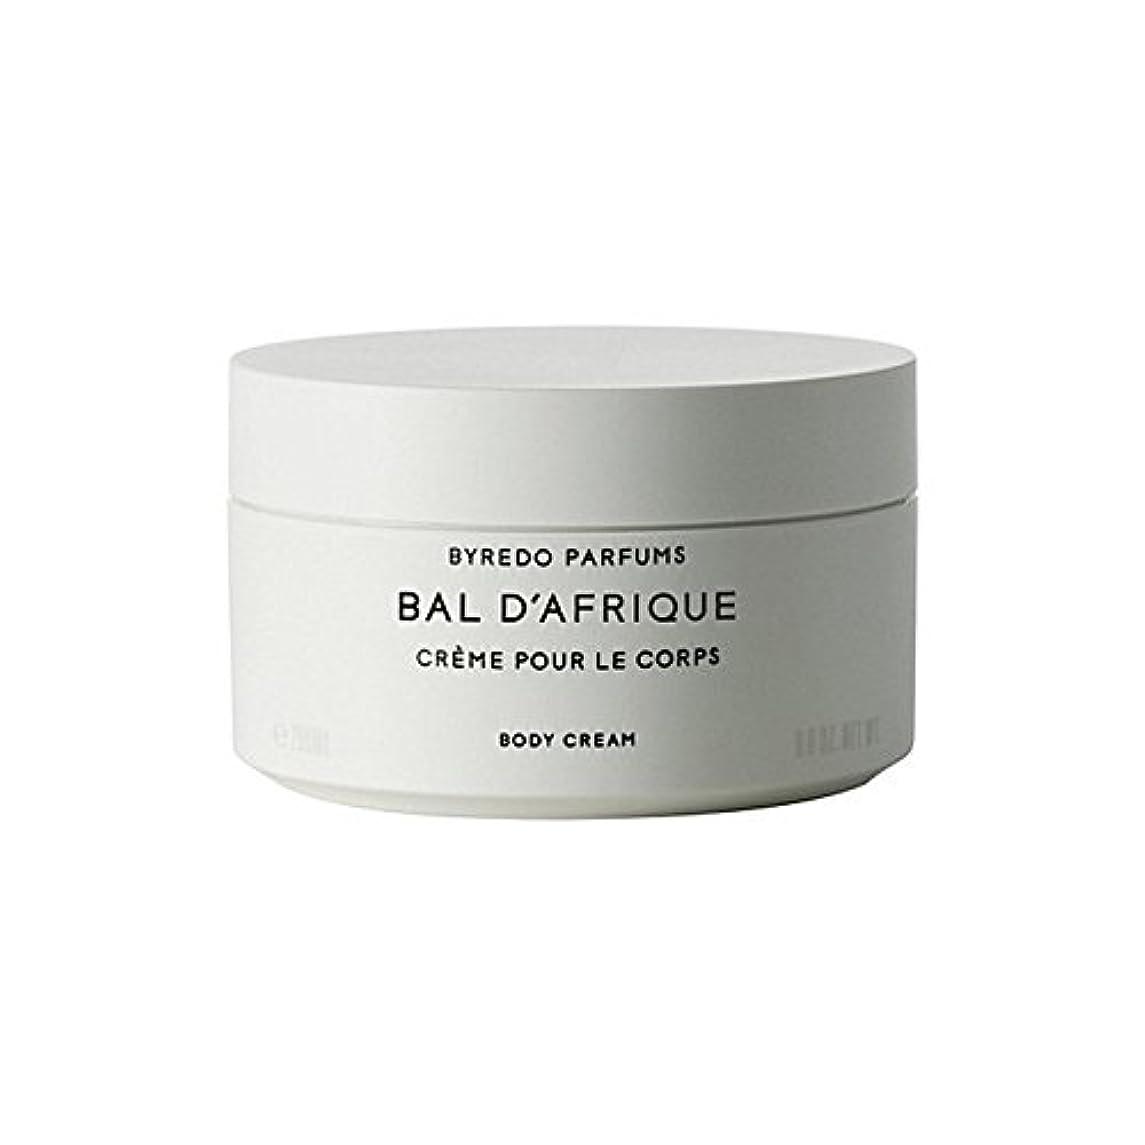 スポンサー兵器庫コートByredo Bal D'Afrique Body Cream 200ml - 'のボディクリーム200ミリリットル [並行輸入品]